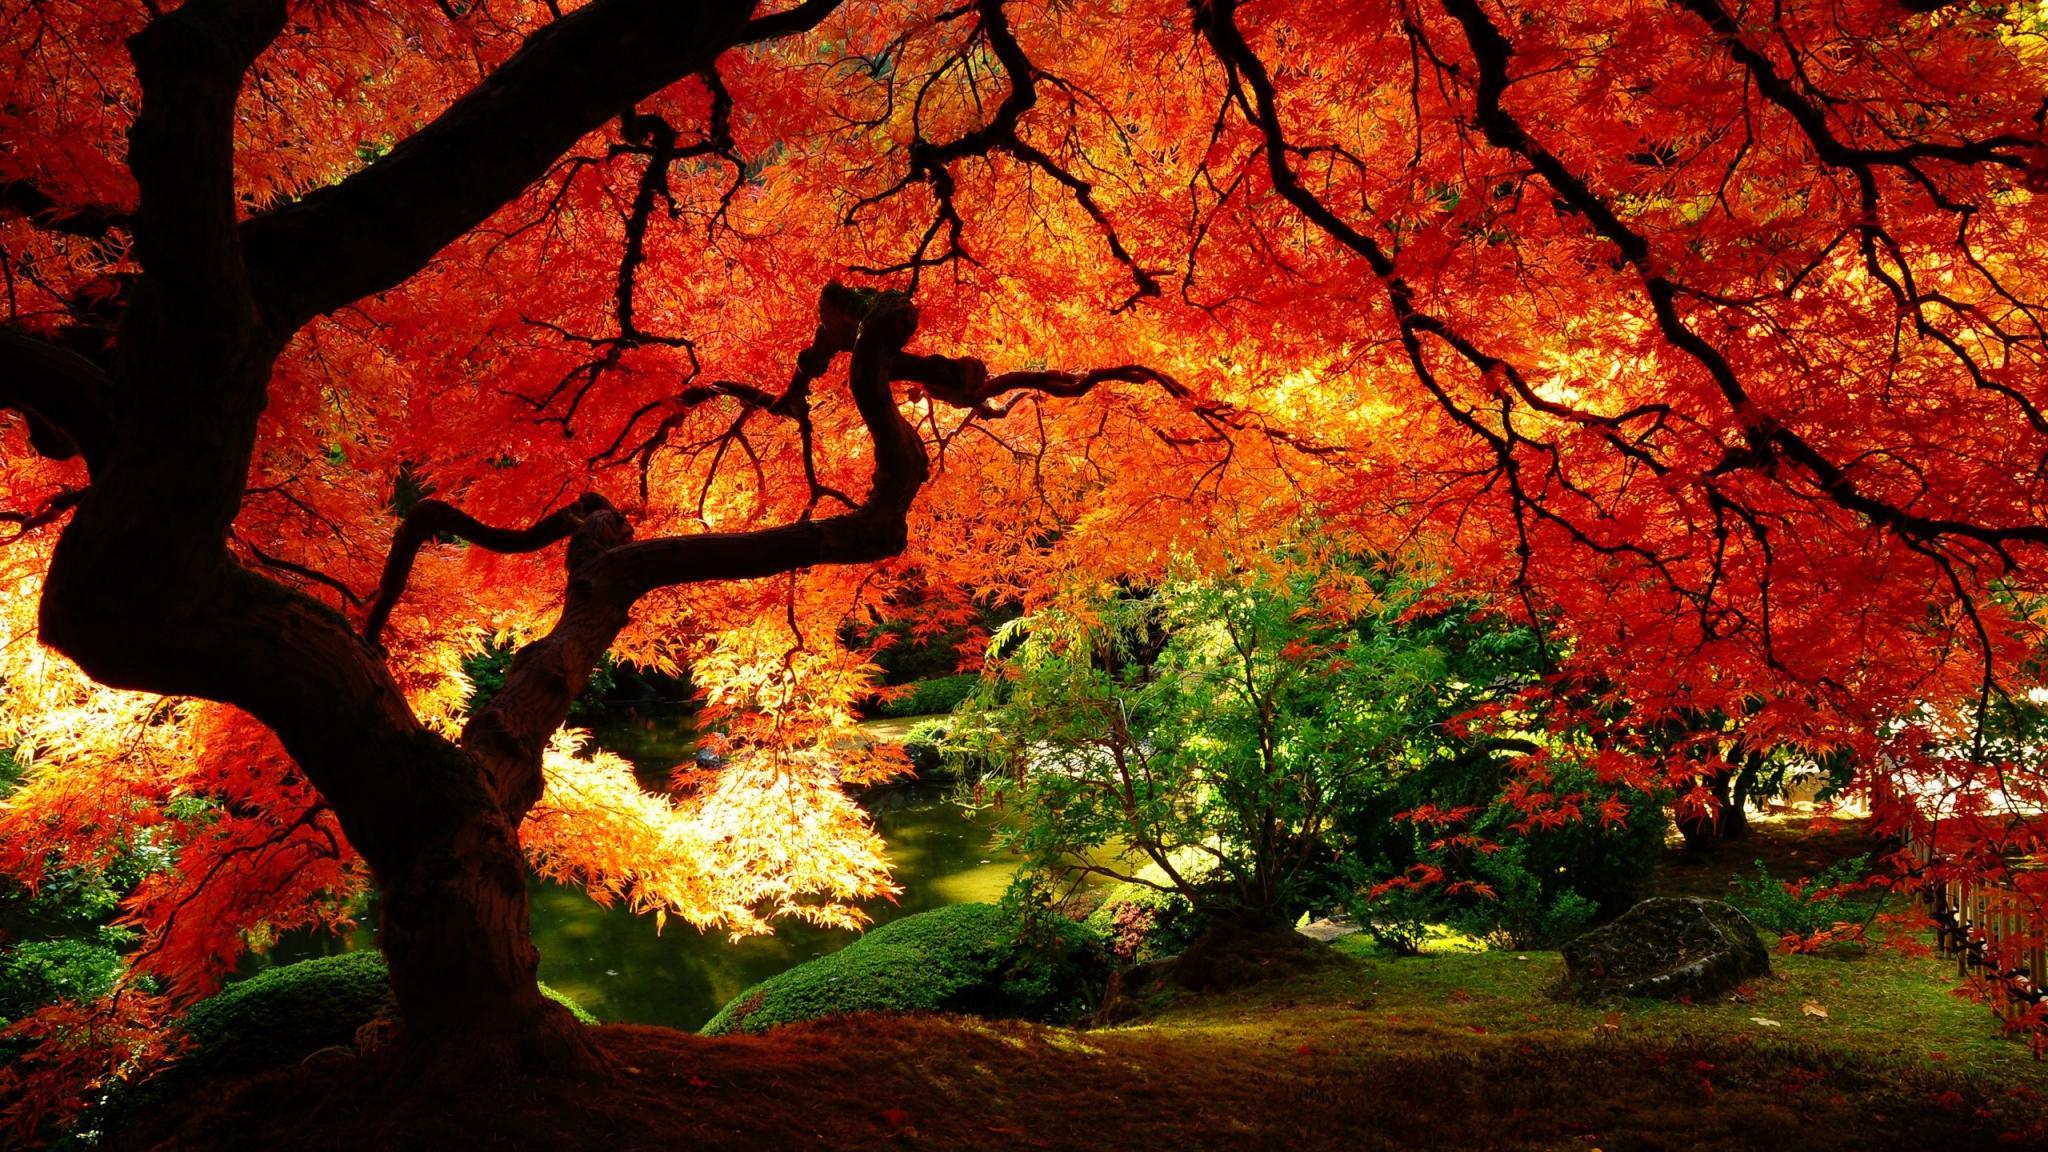 alberi  autunno  natura FOTO SFONDI PER DESKTOP  HD Wallpaper